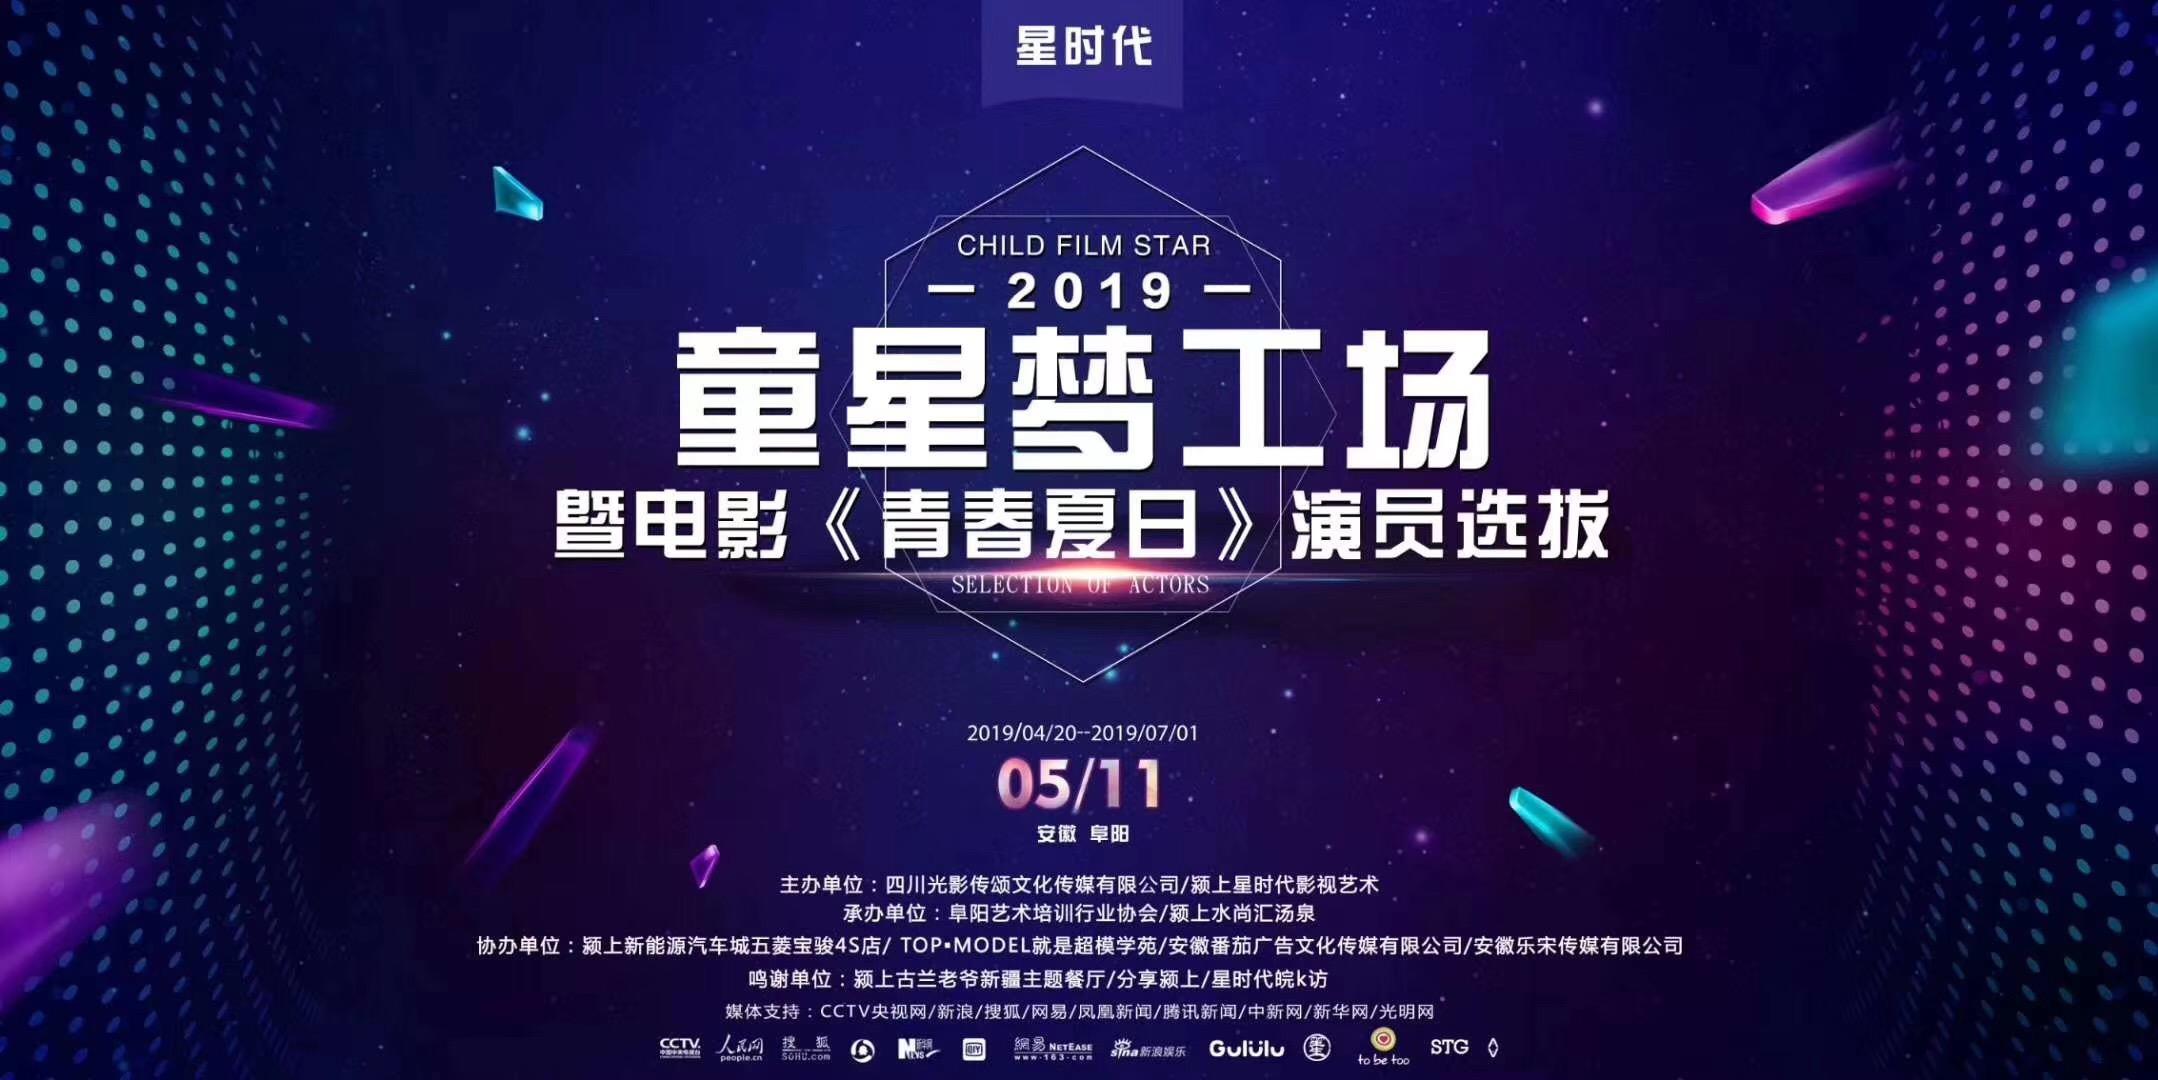 《青春夏日》演员海选将于2019.4.20-2019.7.1进行全国海选